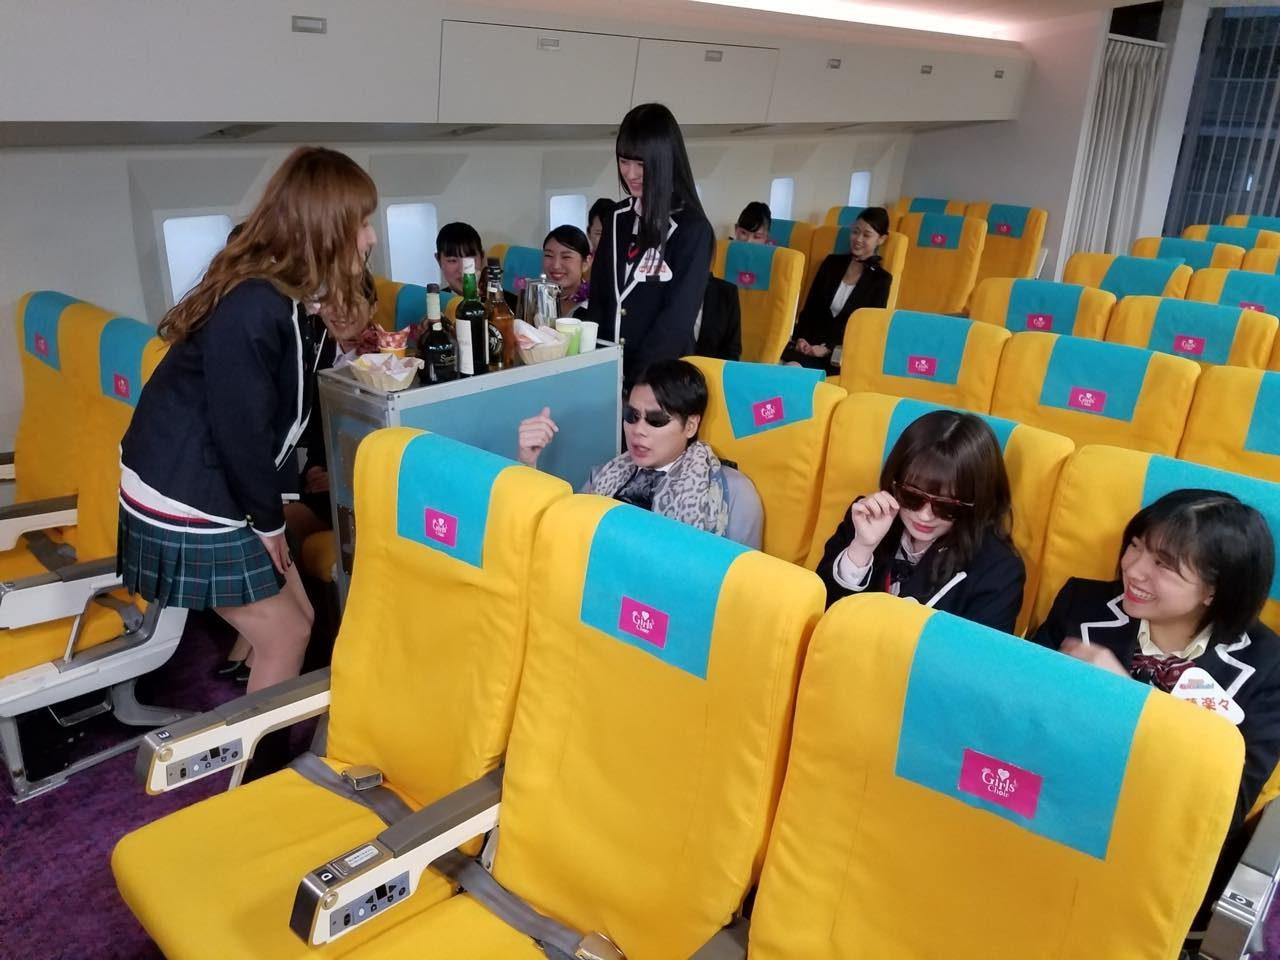 東海テレビ「SKE48 むすびのイチバン!」アイドルに磨きをかけるため一流の所作を学ぶ! [1/29 24:25~]